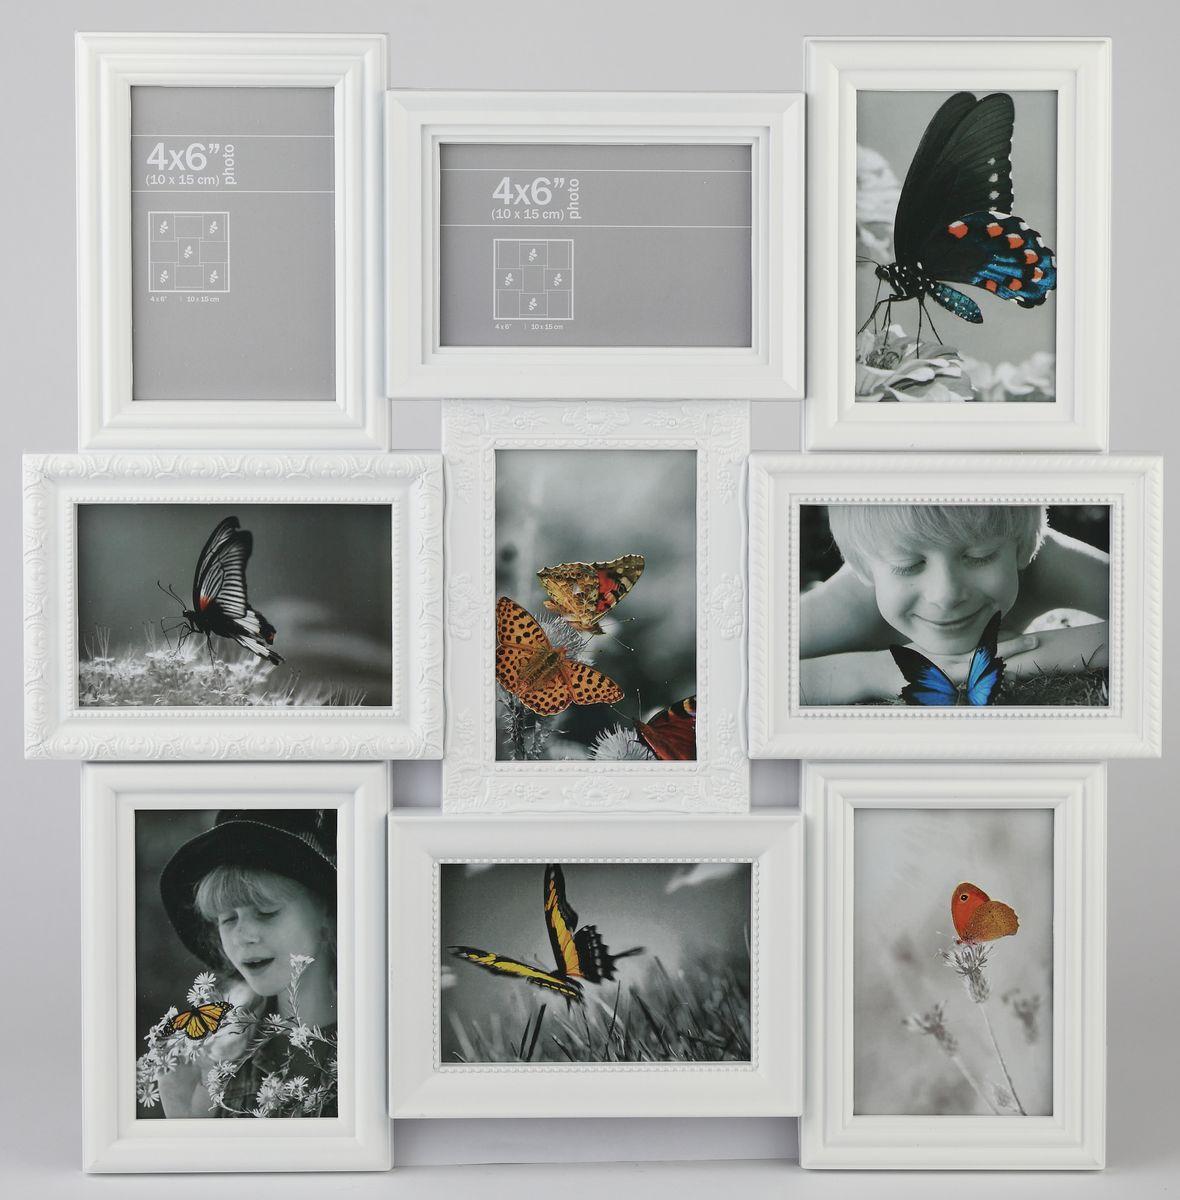 """Фоторамка-коллаж """"Image Art"""" выполнена из прочного пластика. Она состоит из 9 рамок, которые соединены между собой и каждая из которых защищена стеклом. Рамку можно повесит на стену. Такая рамка не только позволит сохранить на память изображения дорогих вам людей и интересных событий вашей жизни, но и стильно украсит интерьер помещения.  Общий размер рамки: 53 х 53 см. Размер фотографий: 10 х 15 см."""